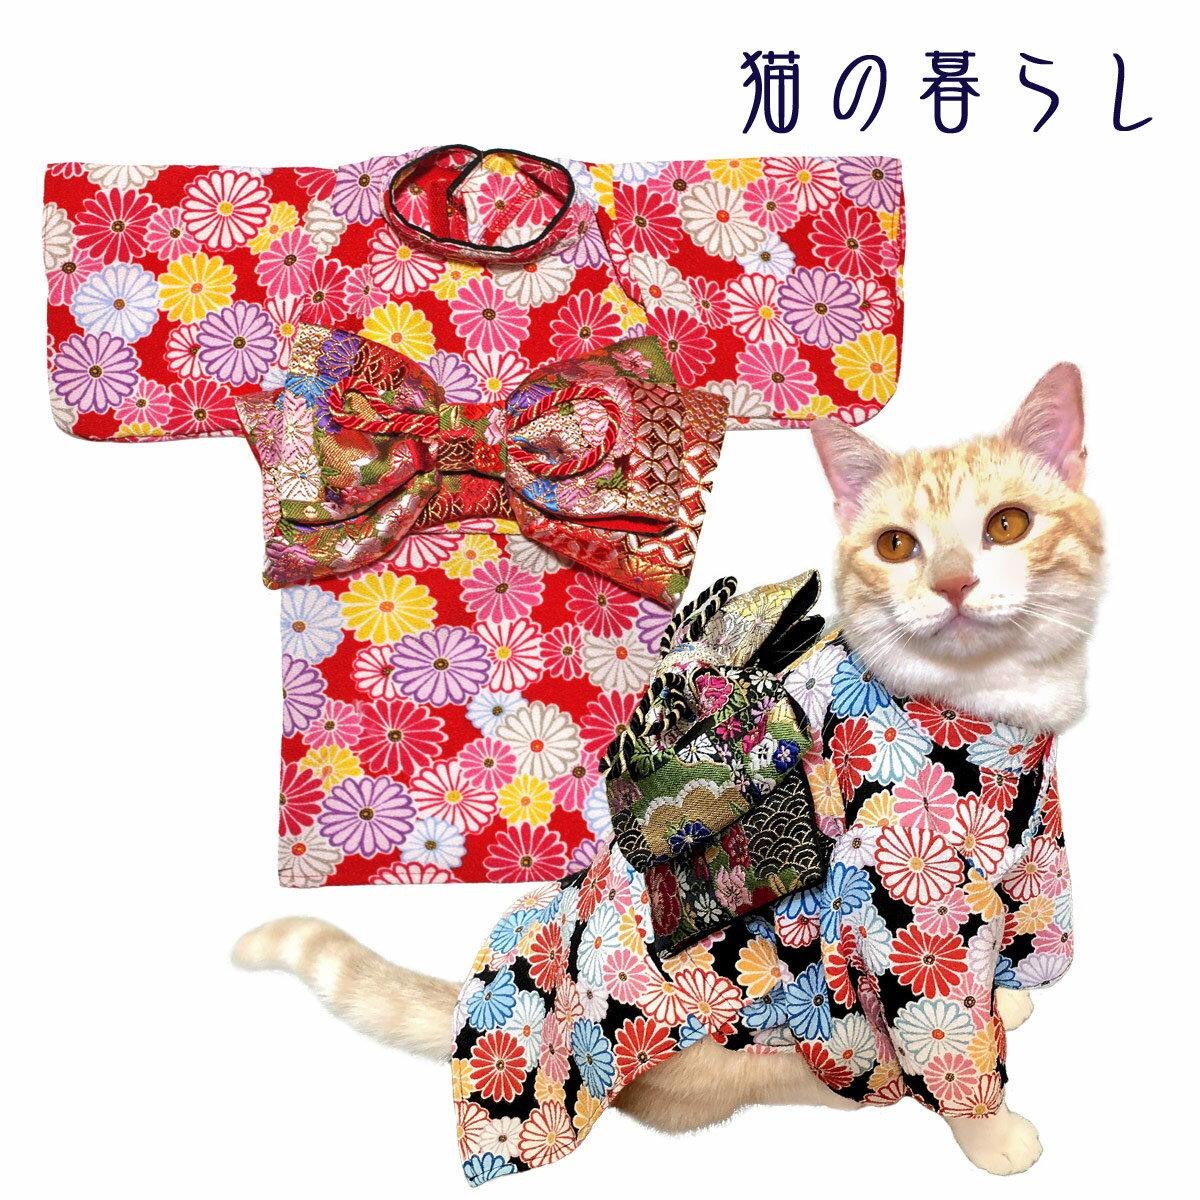 メーカー希望小売価格より30%OFF猫の暮らし 2018AW 猫用お振袖 S